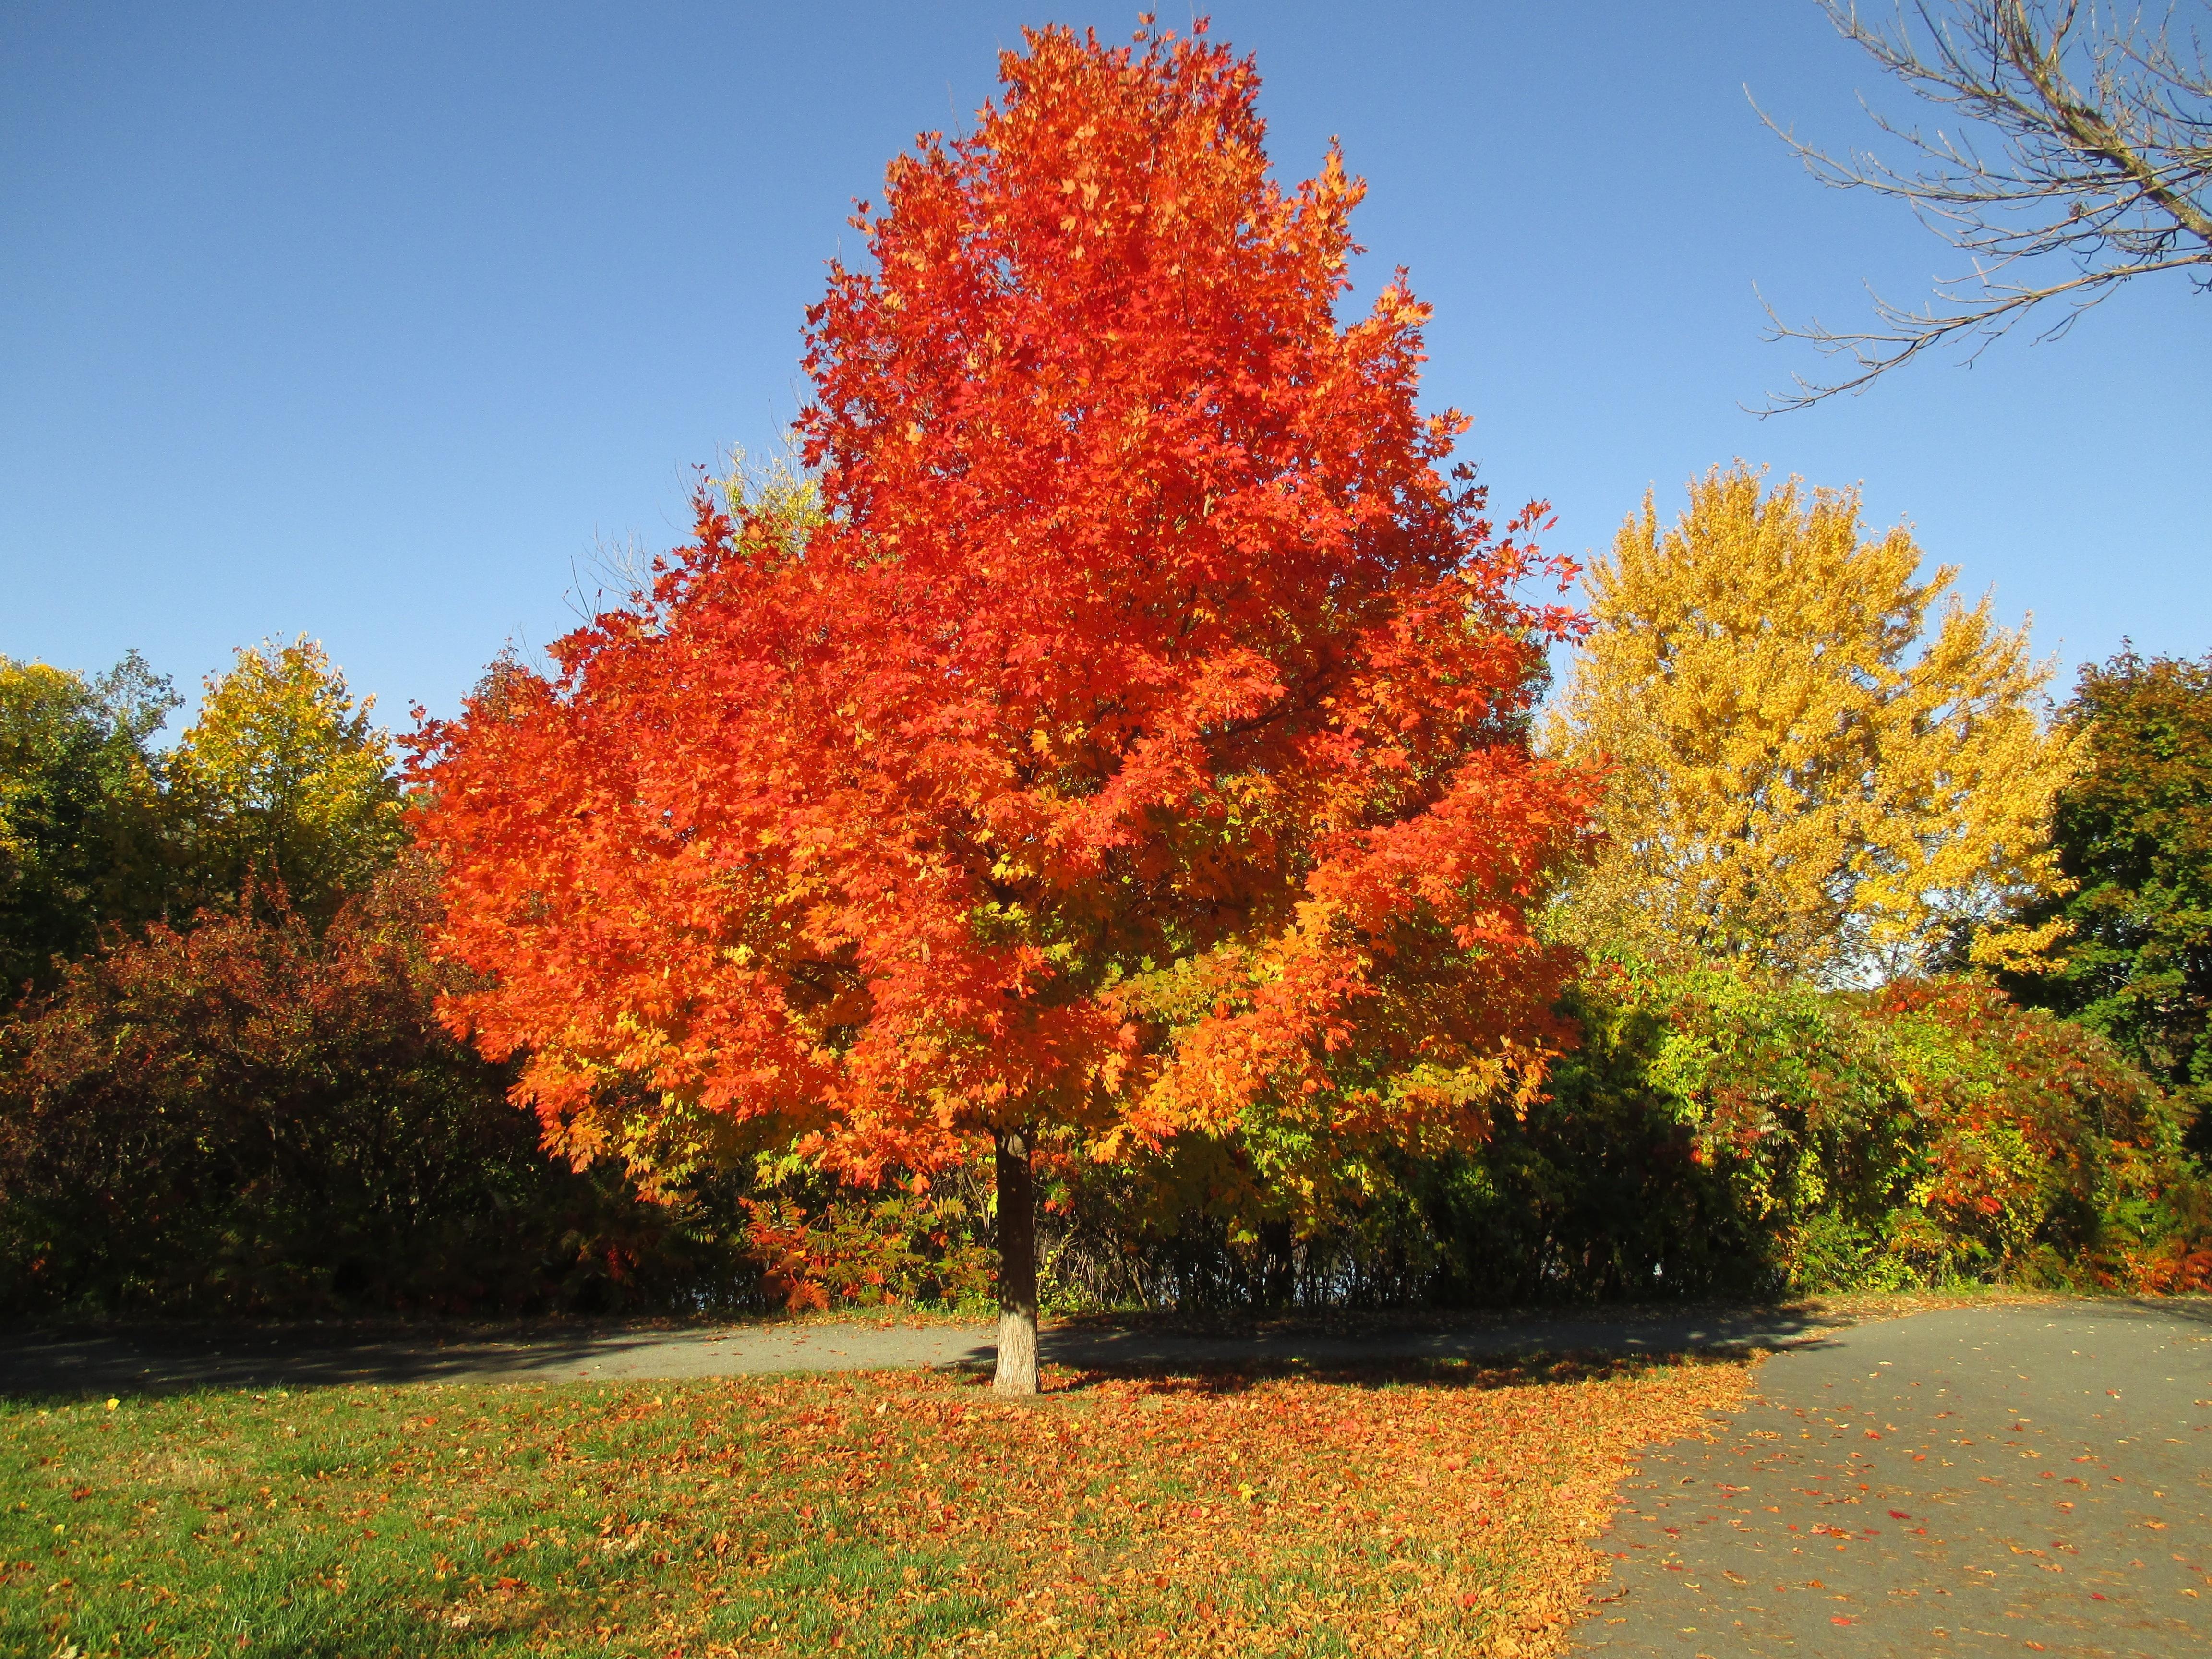 группа осенние листья и деревья фото интерьере